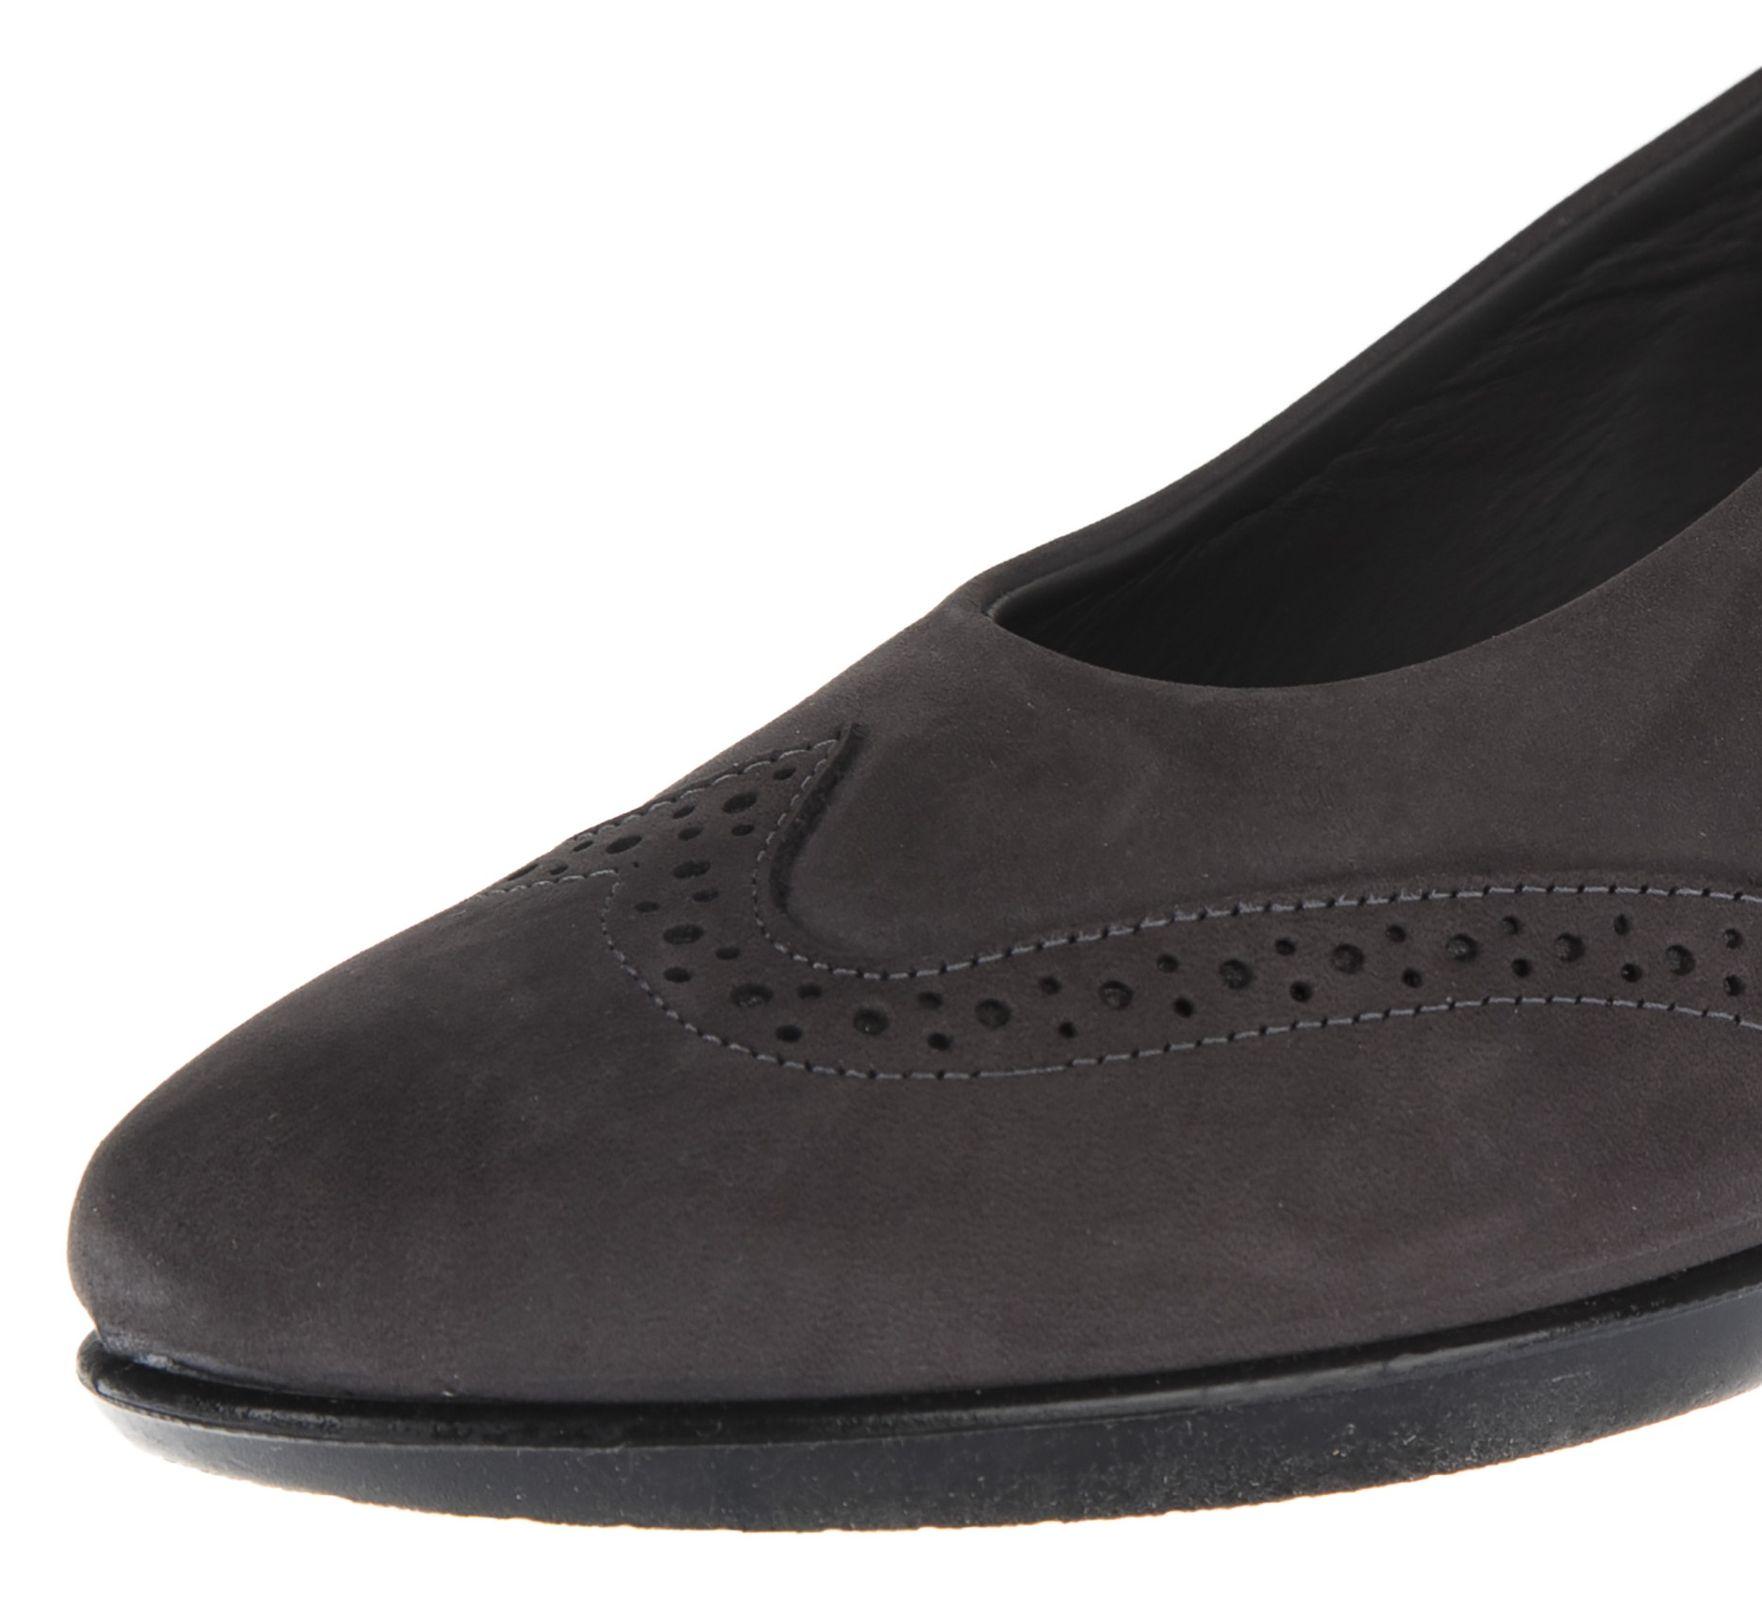 کفش زنانه دنیلی مدل 102140112201 main 1 6